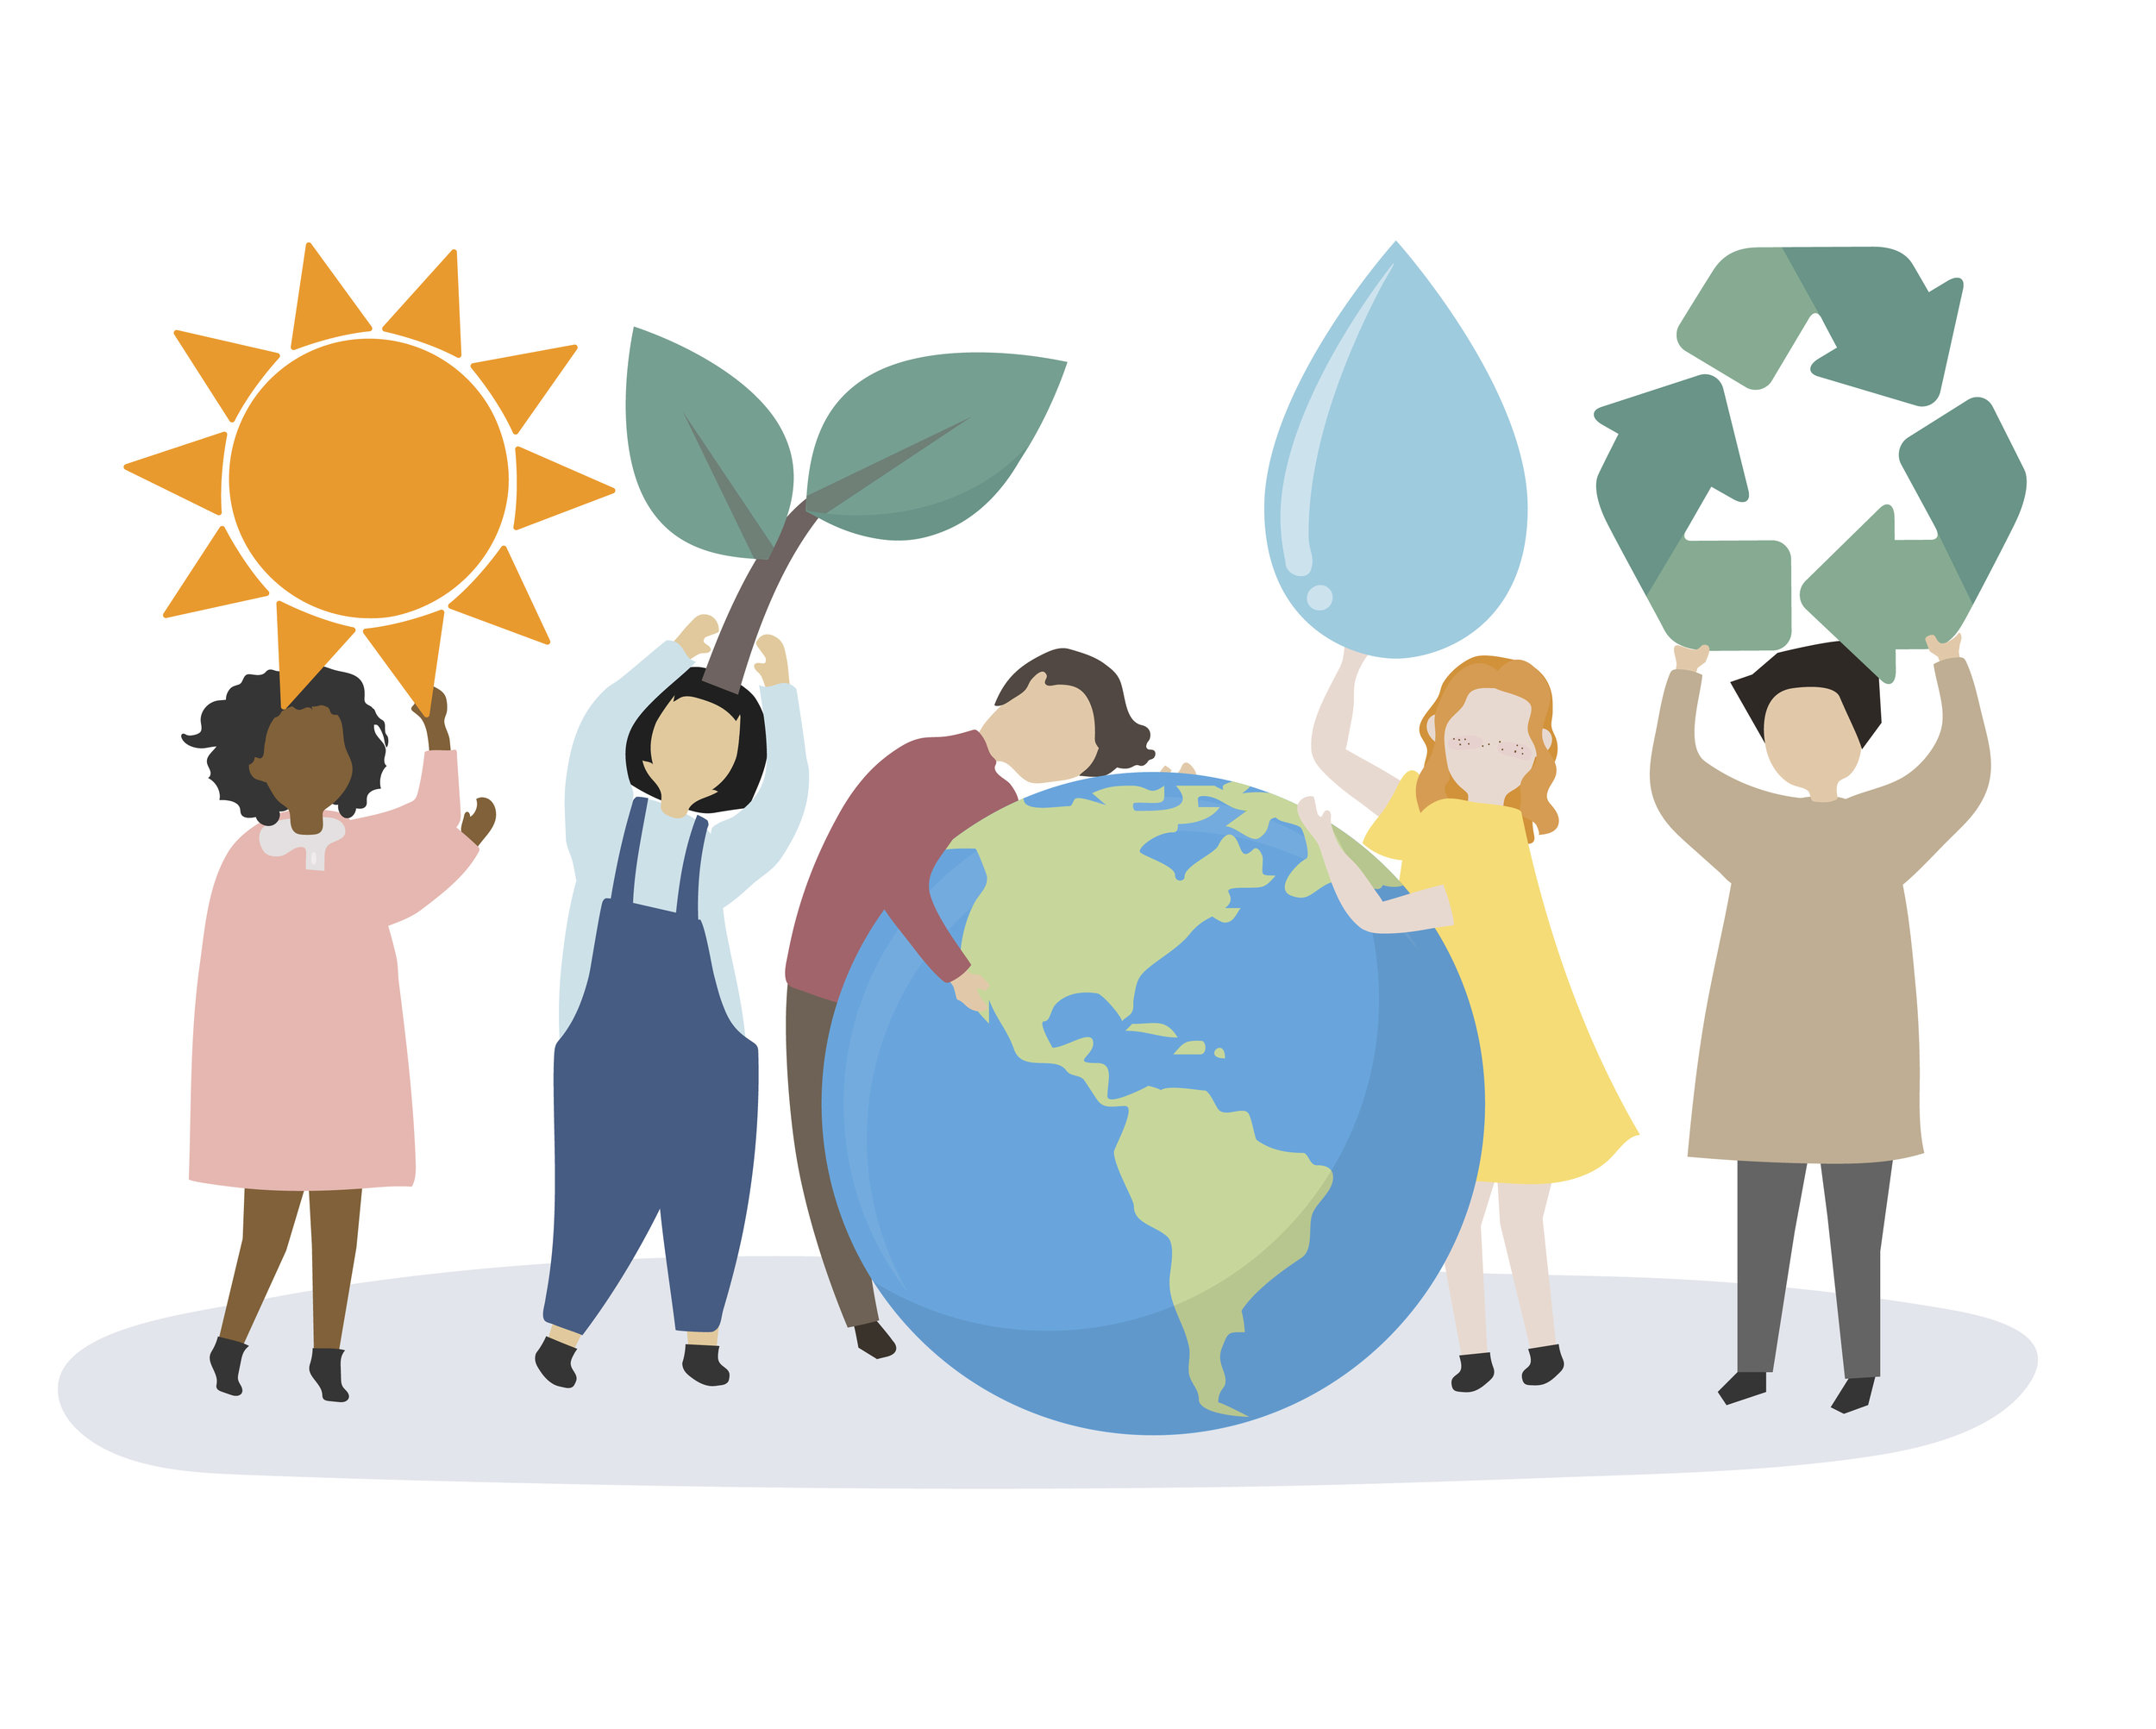 Helse, sikkerhet, miljø og menneskerettigheter må være i fokus